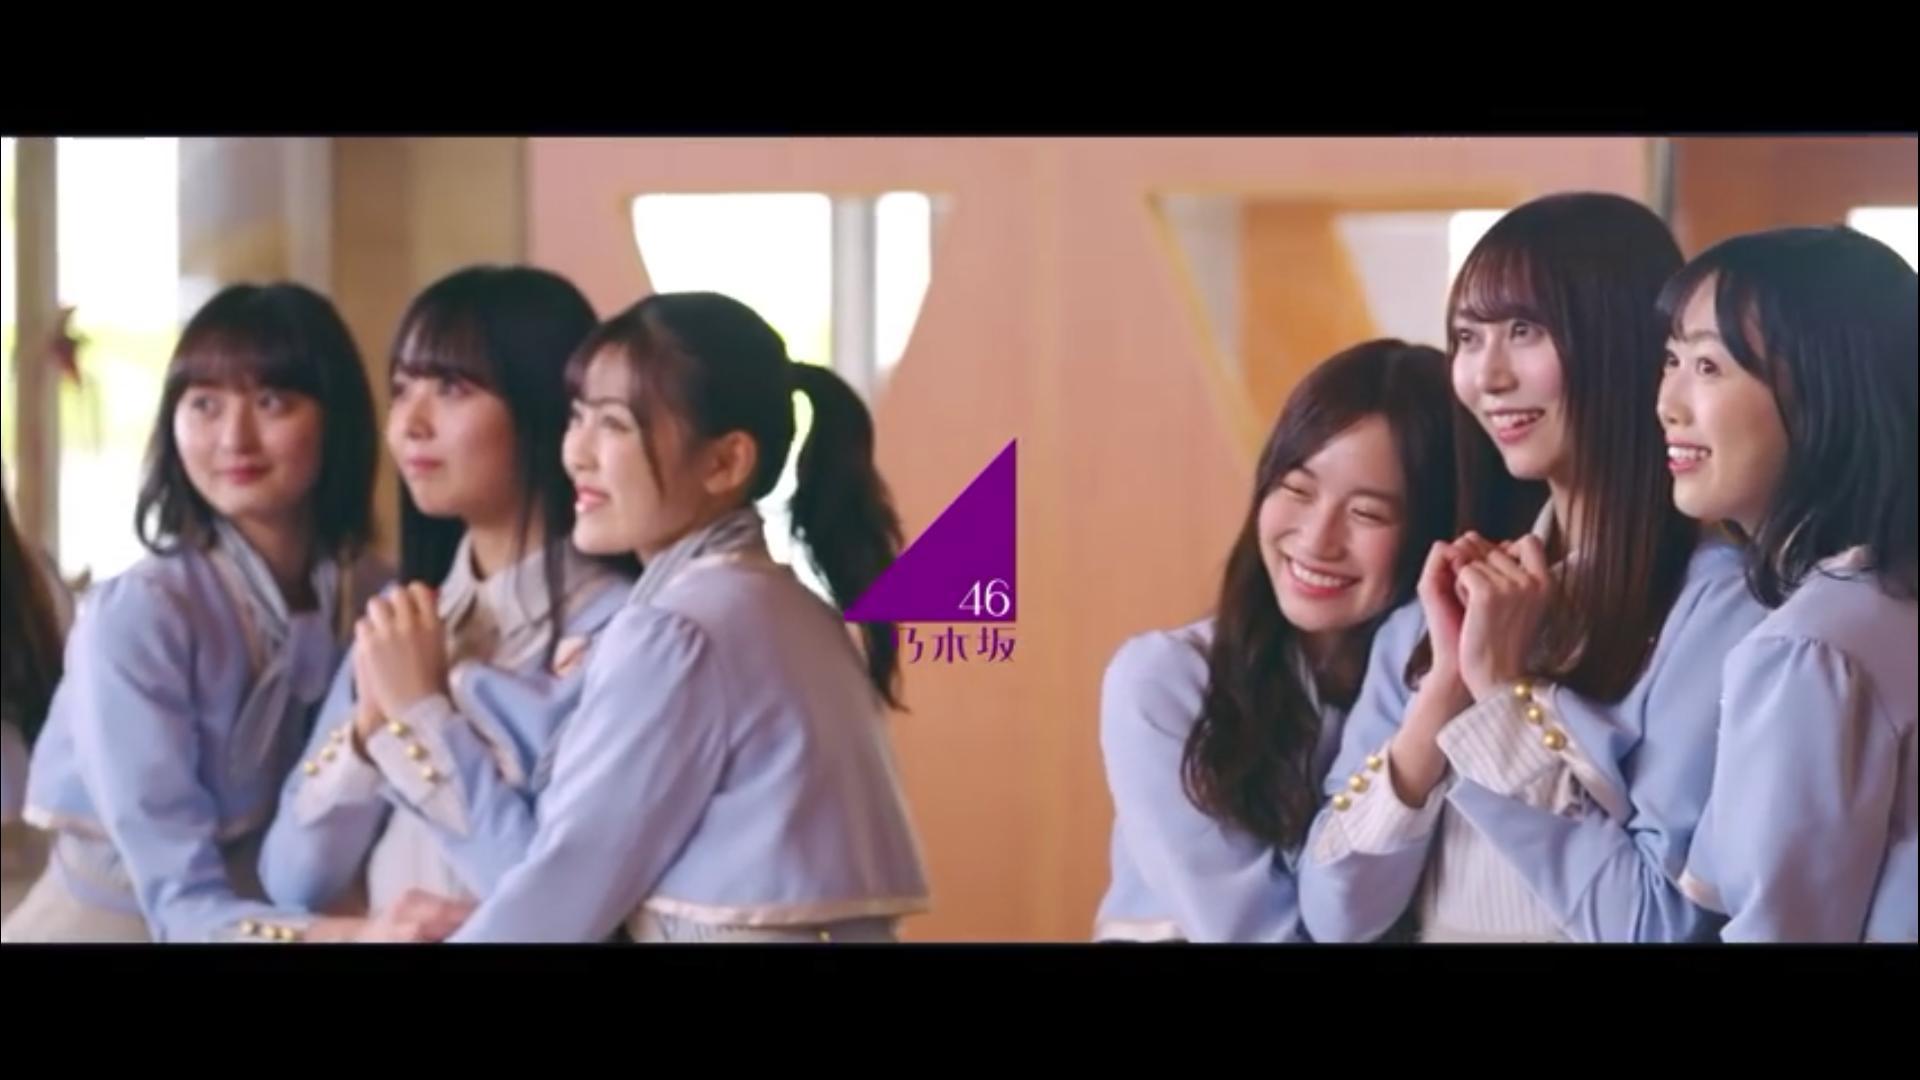 乃木坂46 4期生曲「Out of the blue MV3